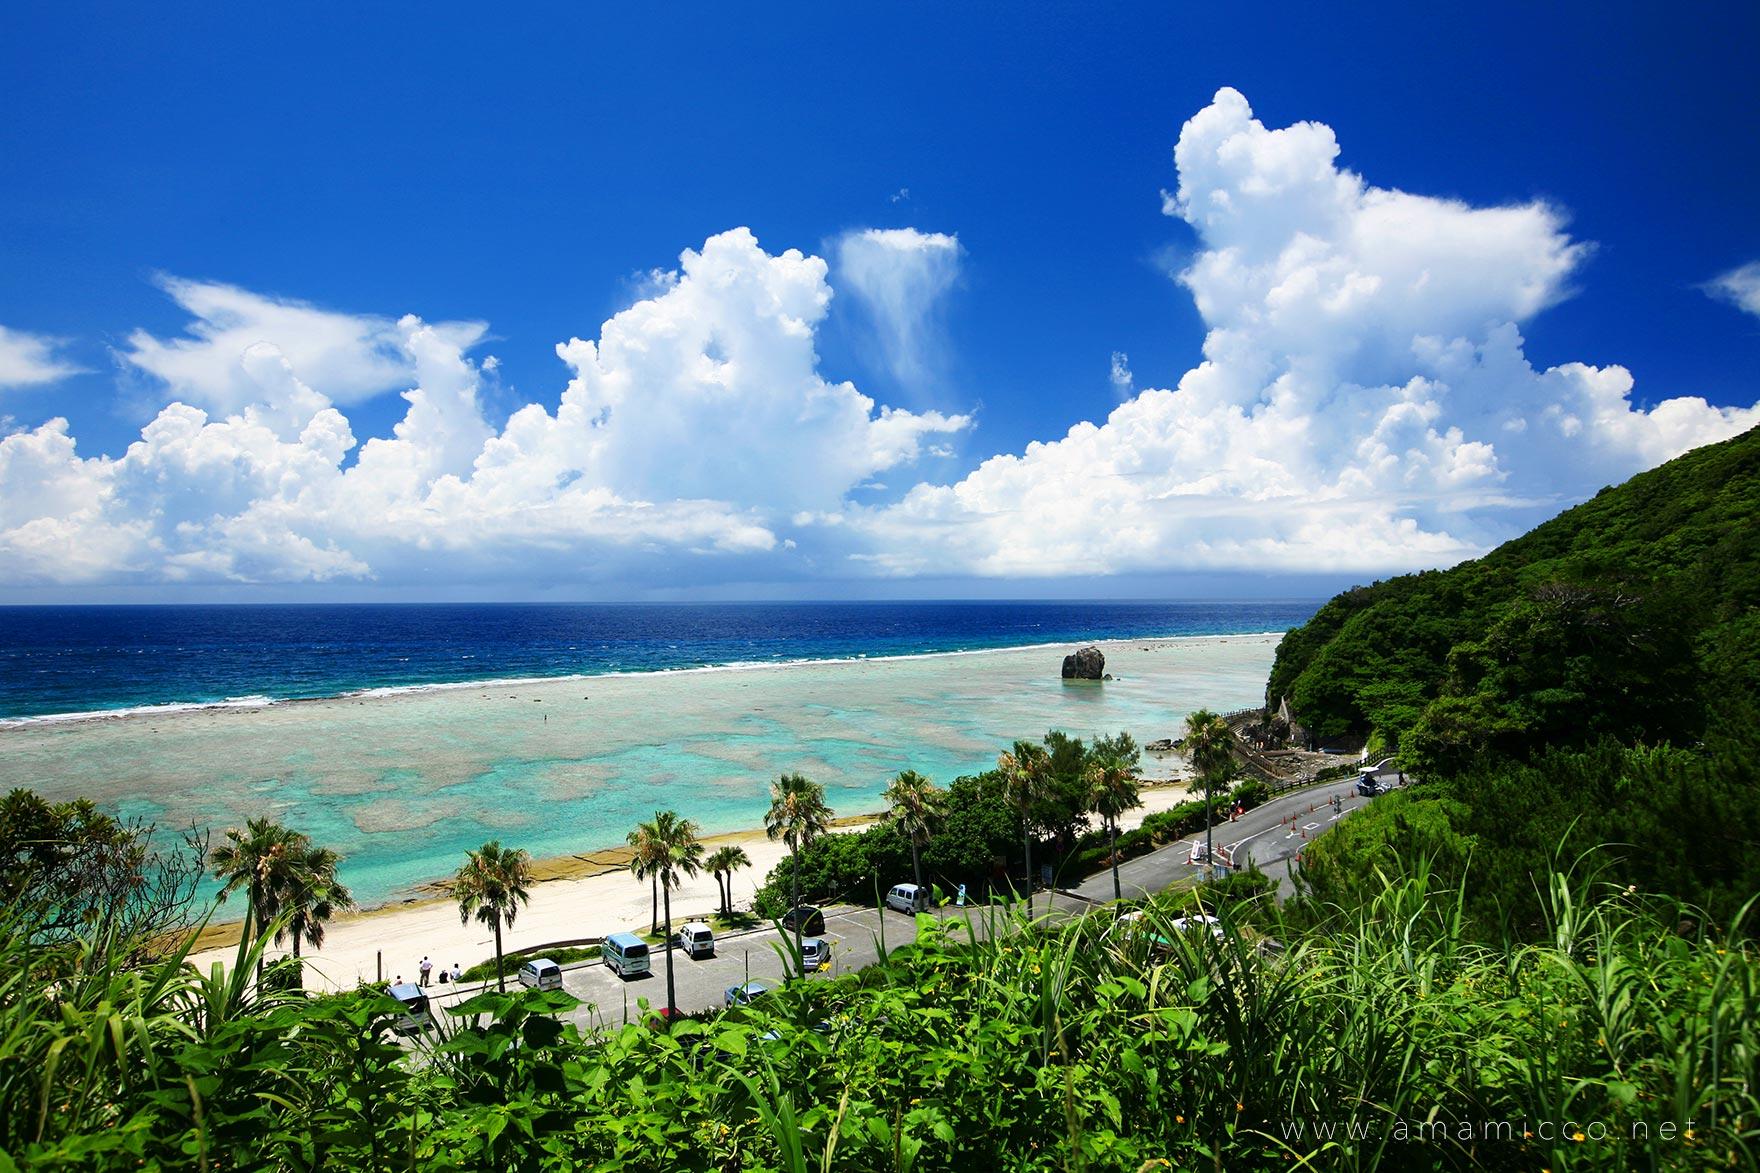 絶景が目白押し!何度でも行きたい「奄美大島」の観光スポットおすすめランキング